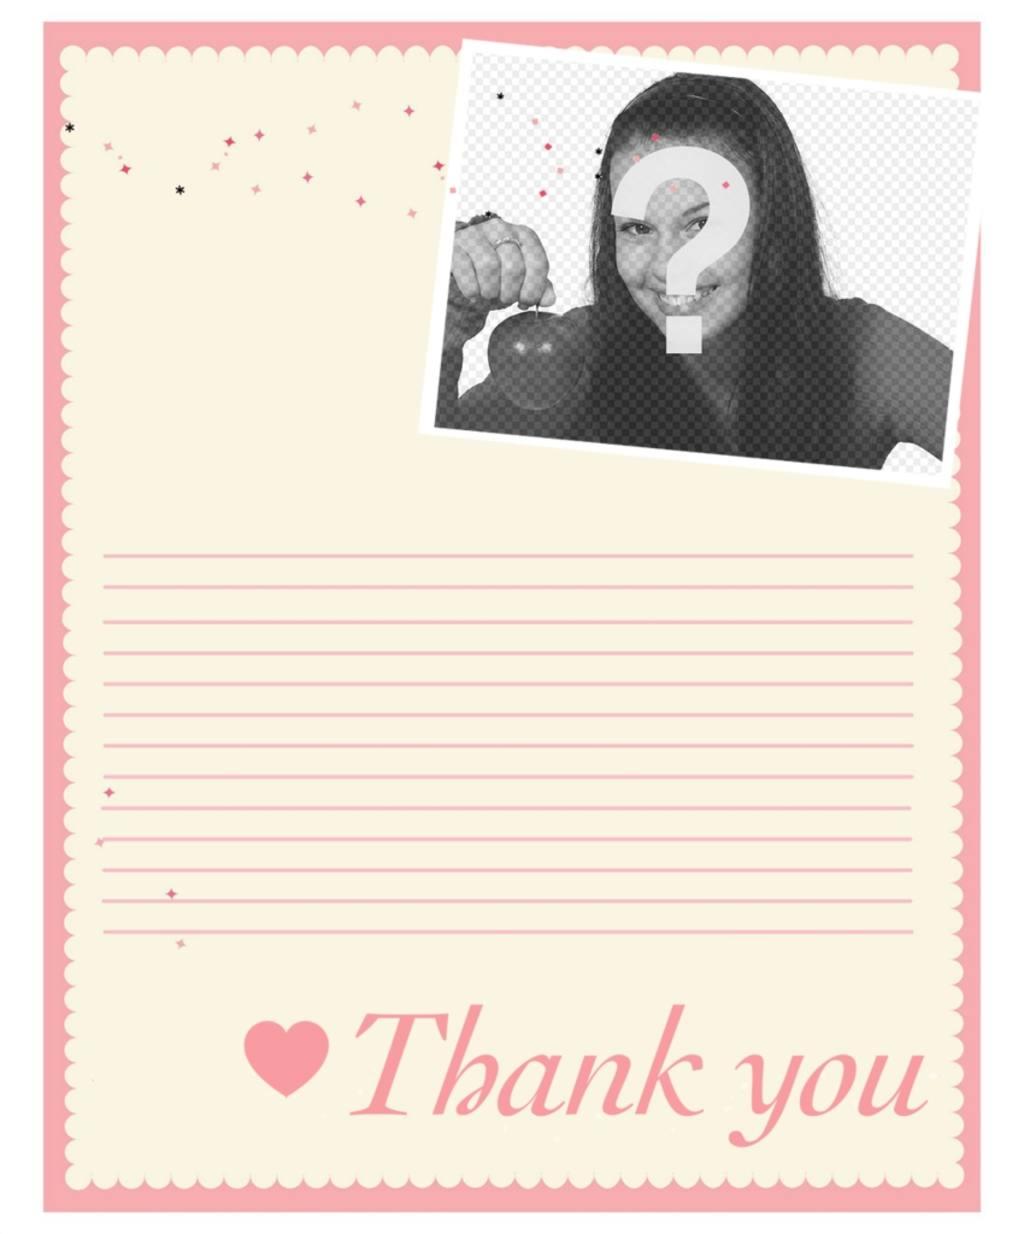 carta agradecimiento online puedes personalizar foto